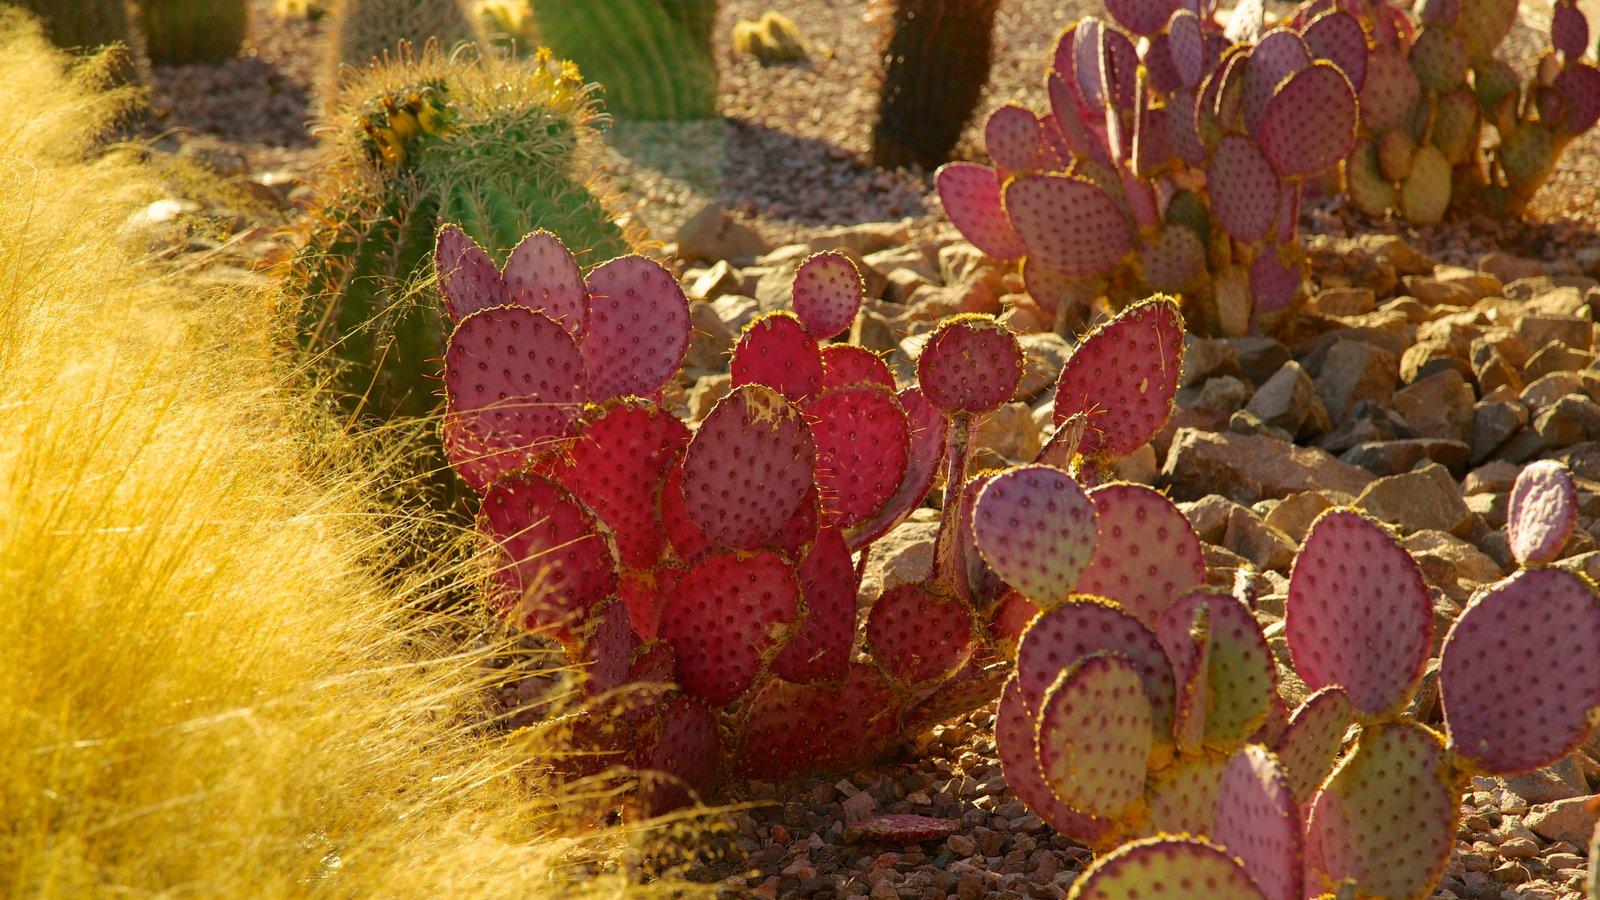 Desert Botanical Garden que inclui um parque, paisagens do deserto e flores